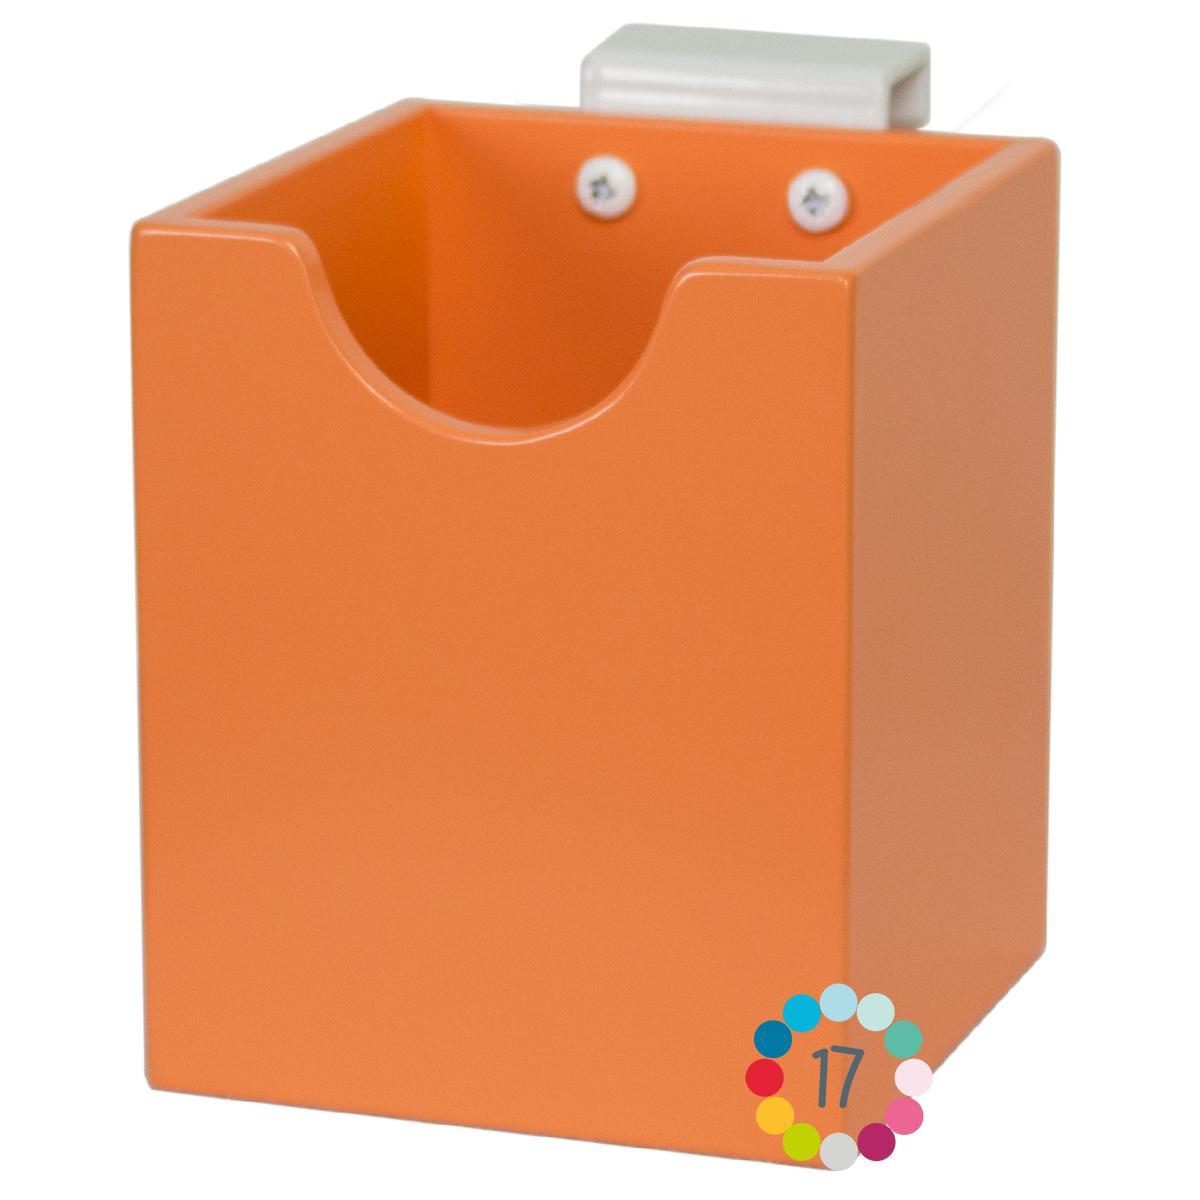 Portalápices COLORFLEX pure orange